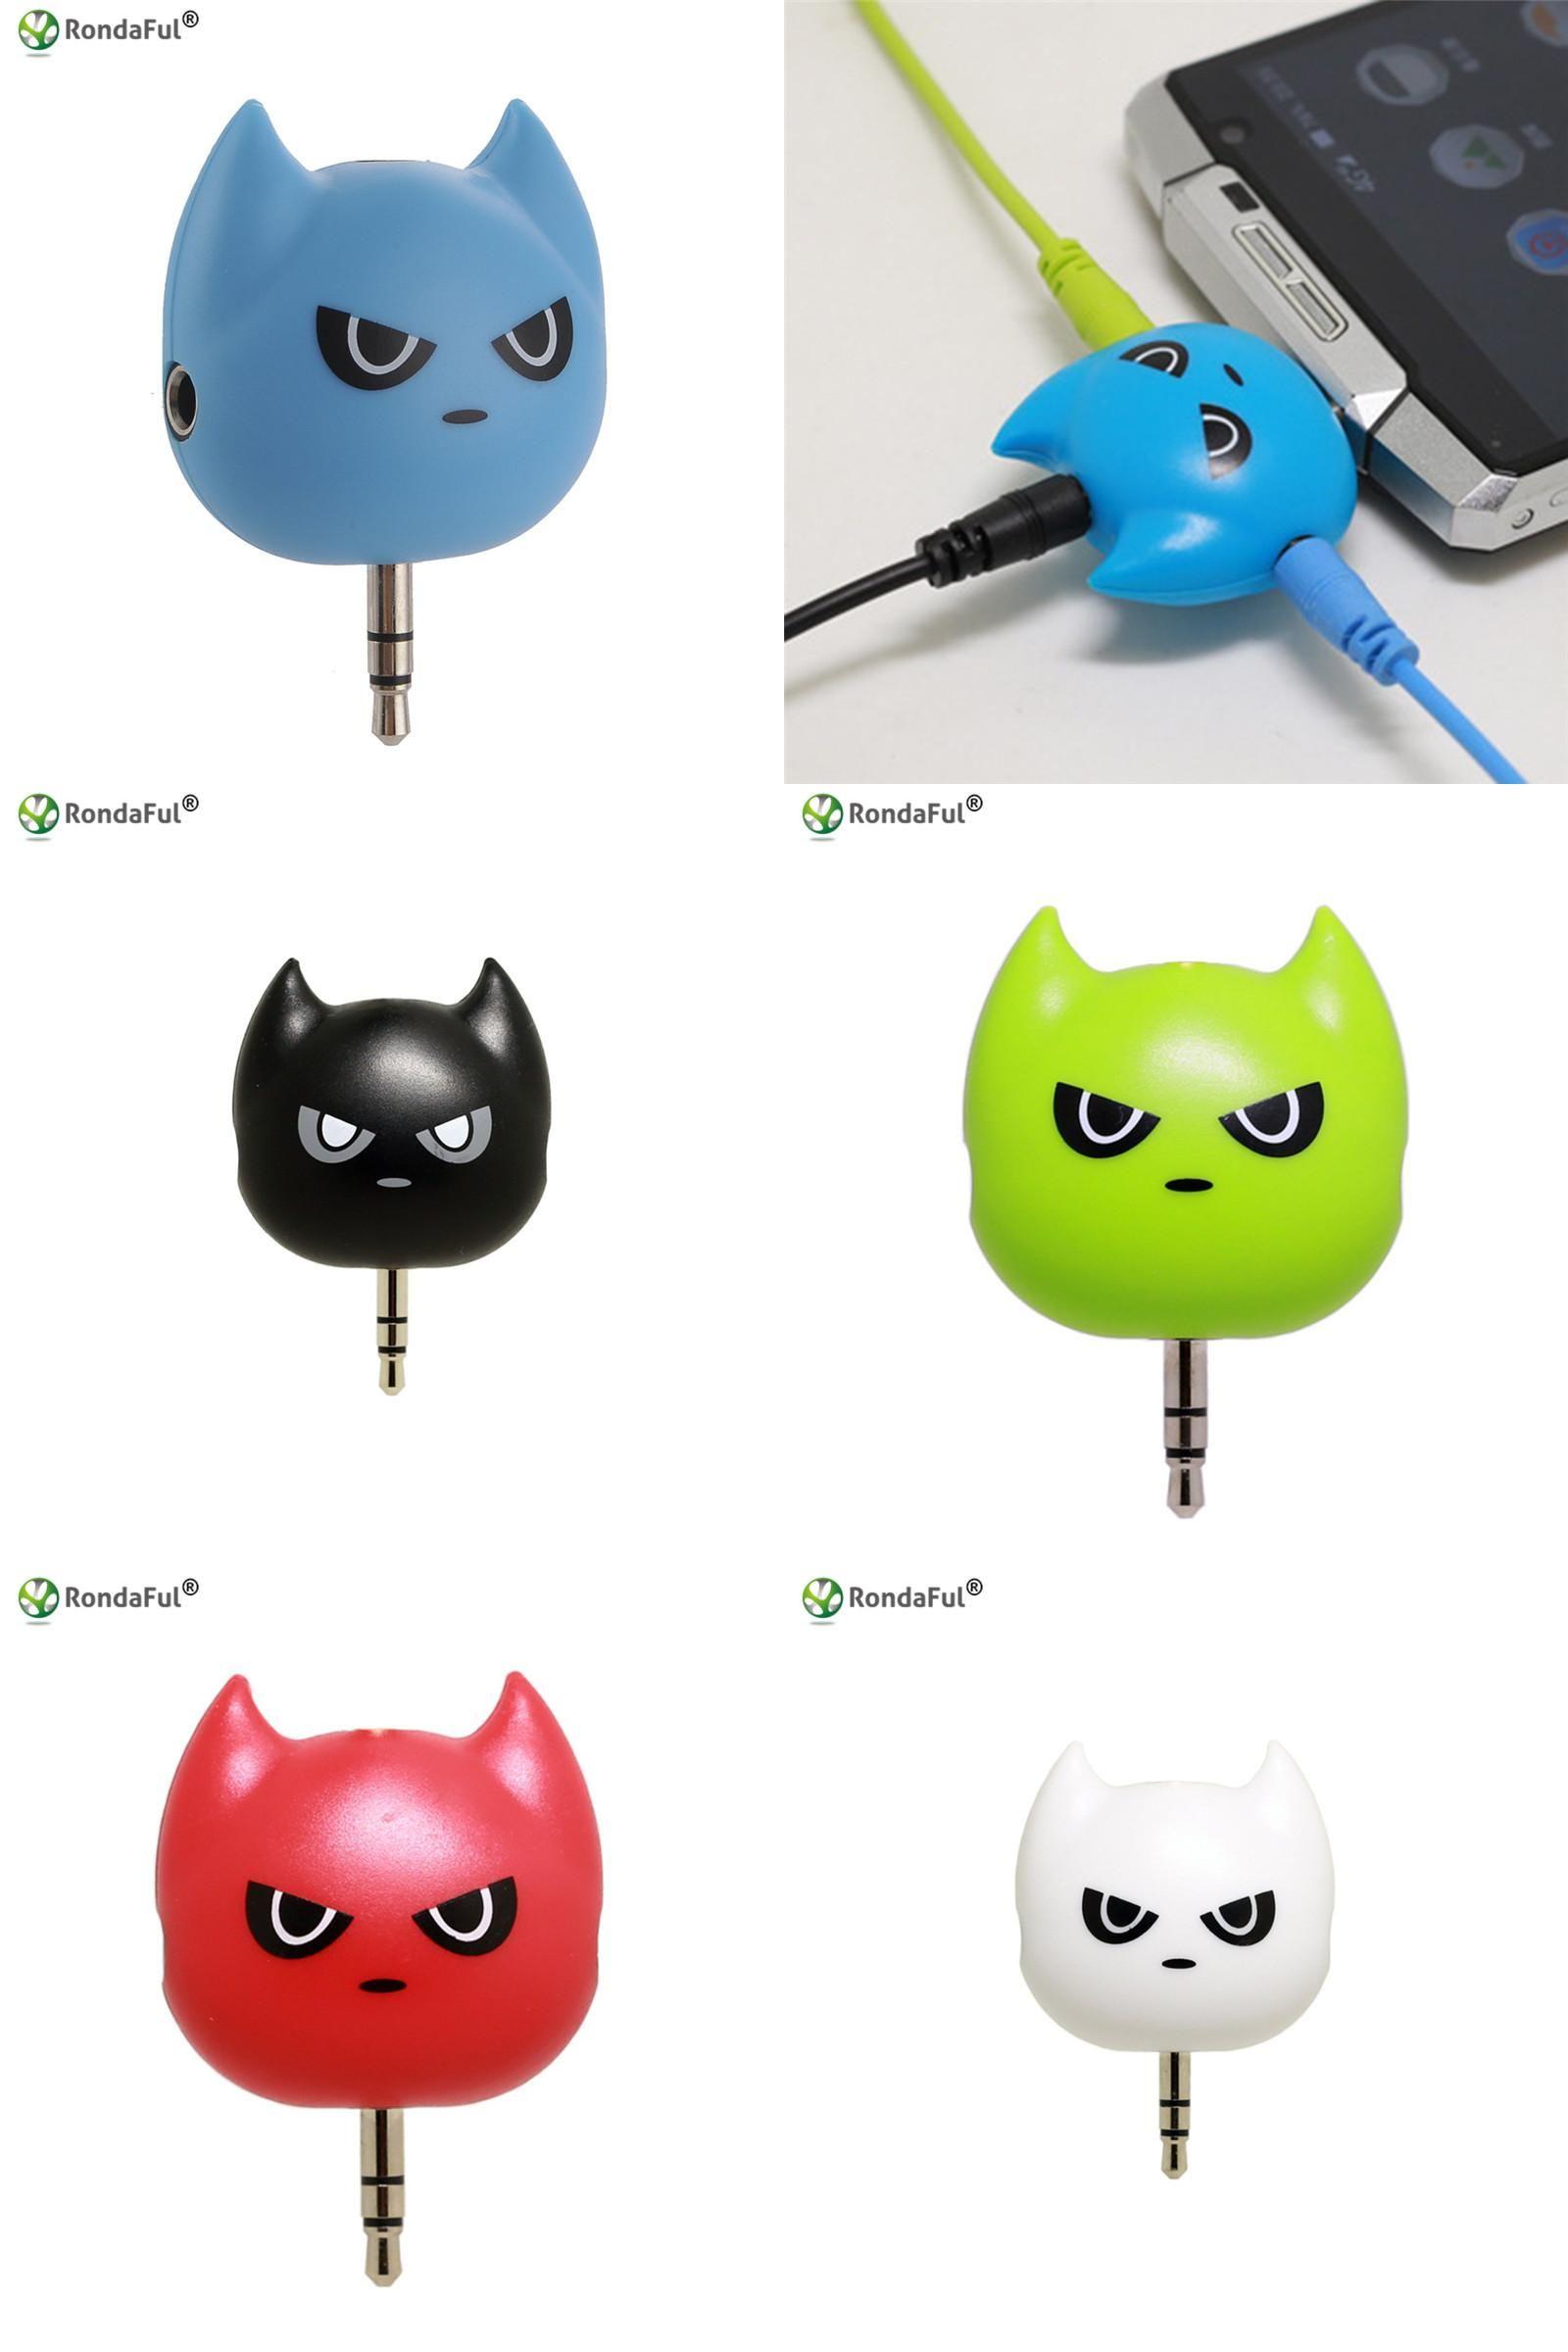 Visit To Buy 1piece Cute 3 Way Batman Earphone Audio Splitter 35mm 6 Ports Male 5 Female Jack Adapter